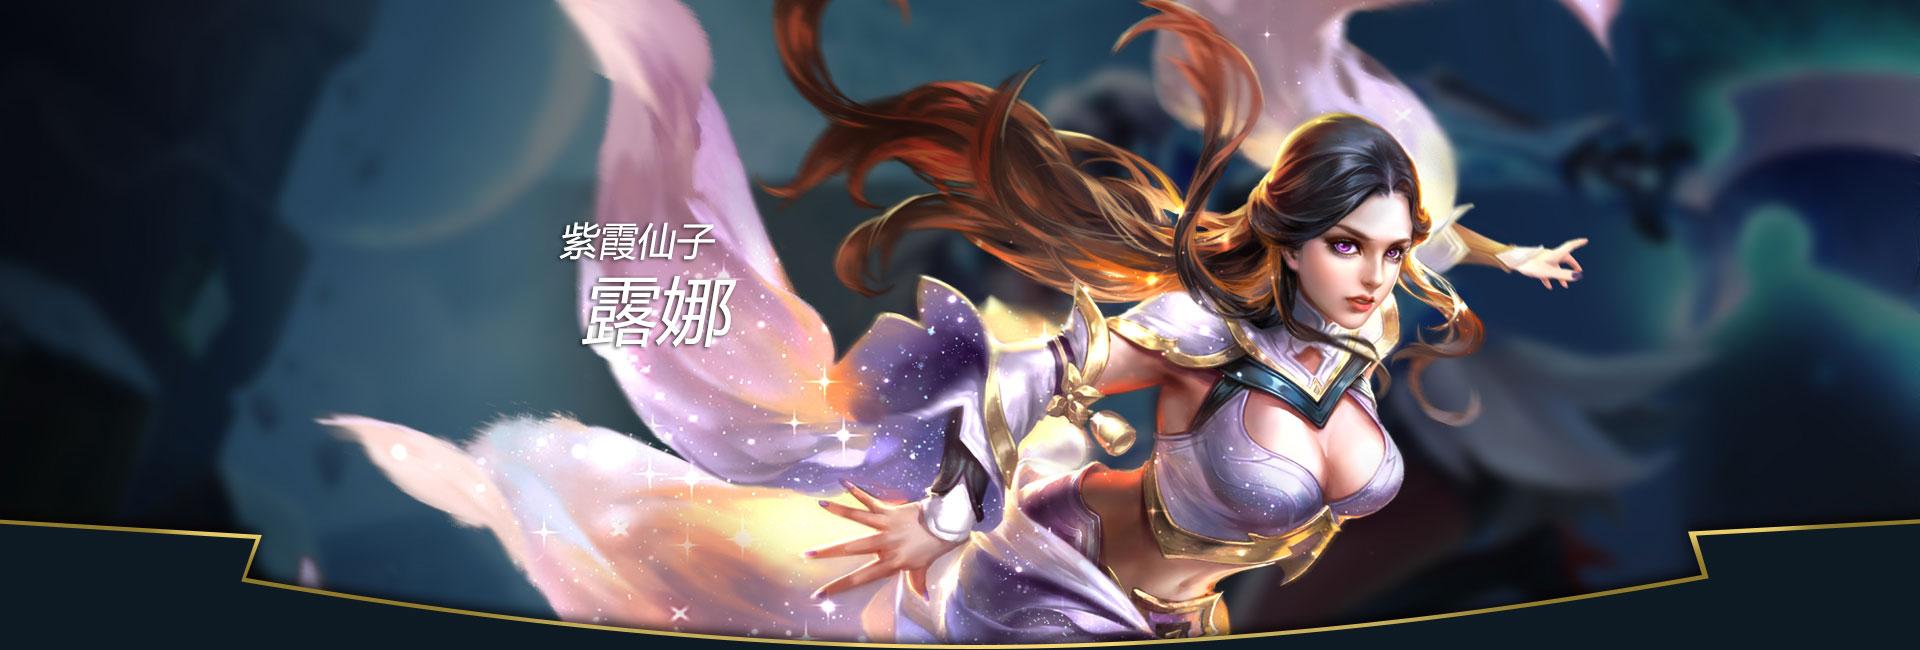 第2弹《王者荣耀英雄皮肤CG》竞技游戏71